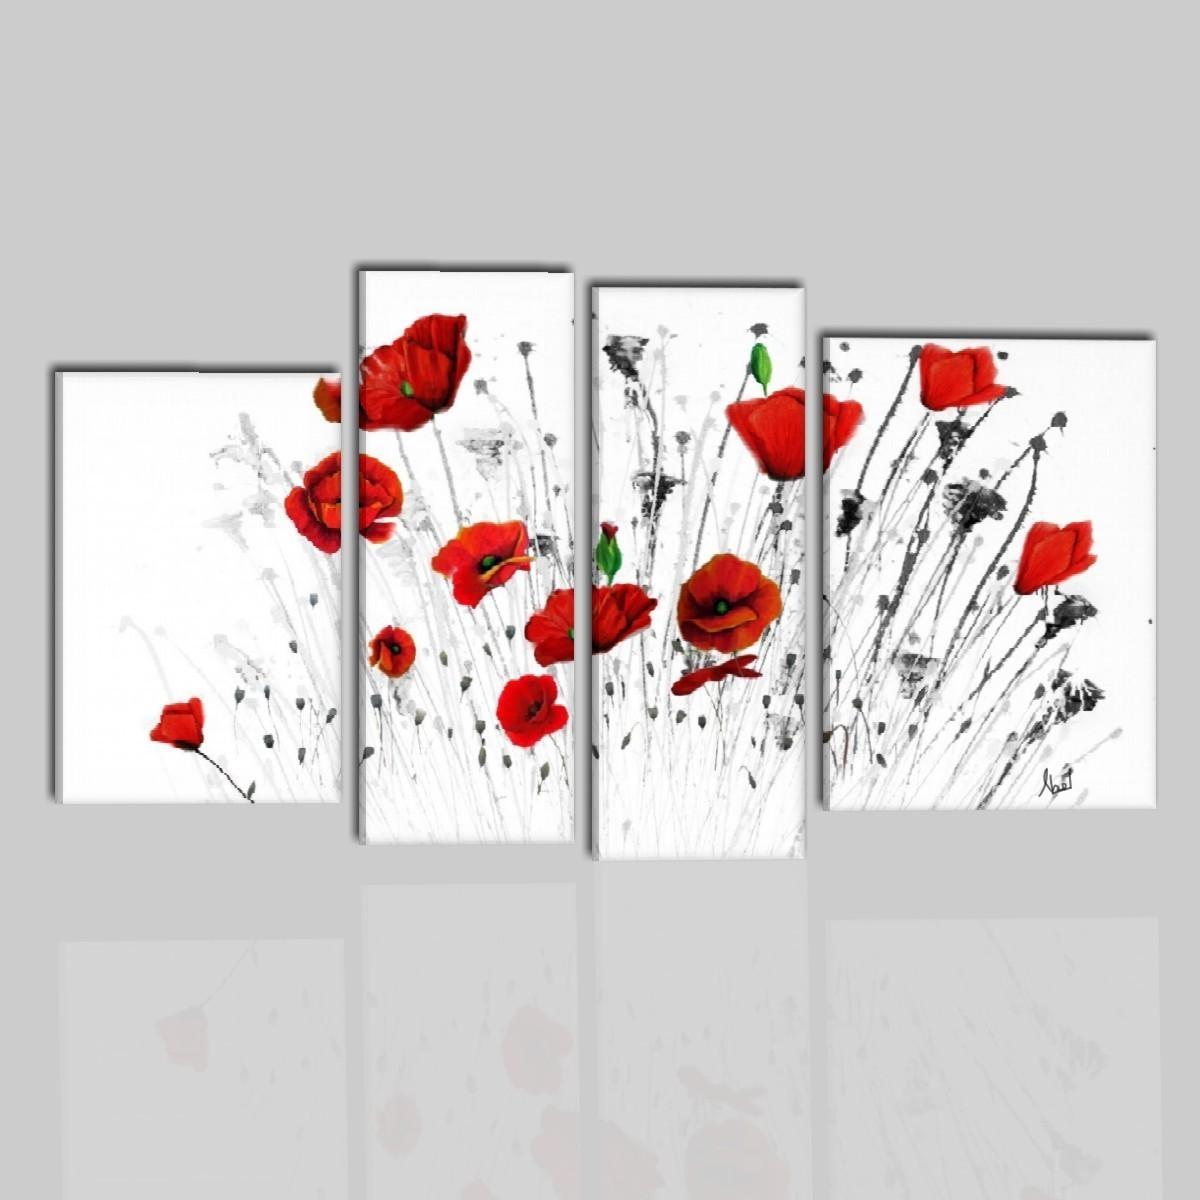 Quadri con fiori con papaveri rossi nicos for Quadri astratti rossi